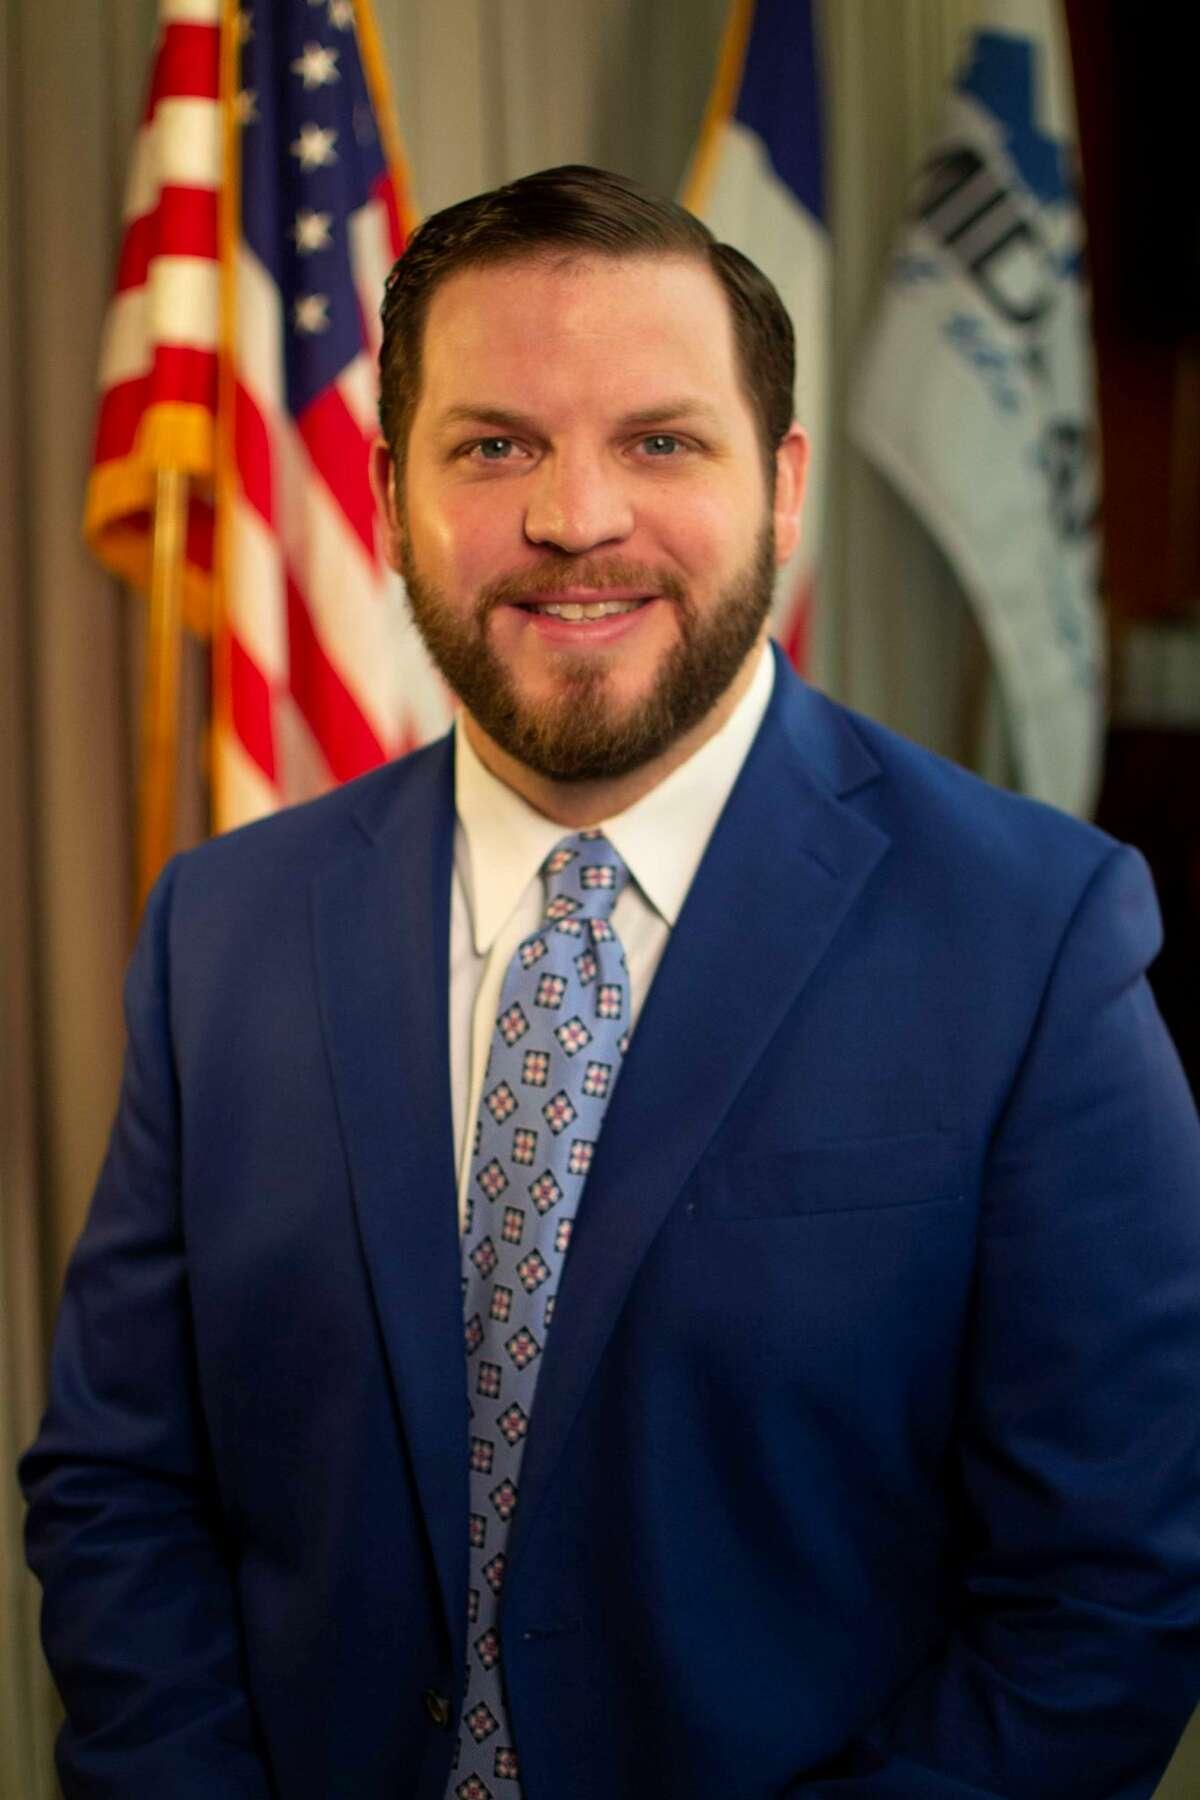 Spencer Robnett